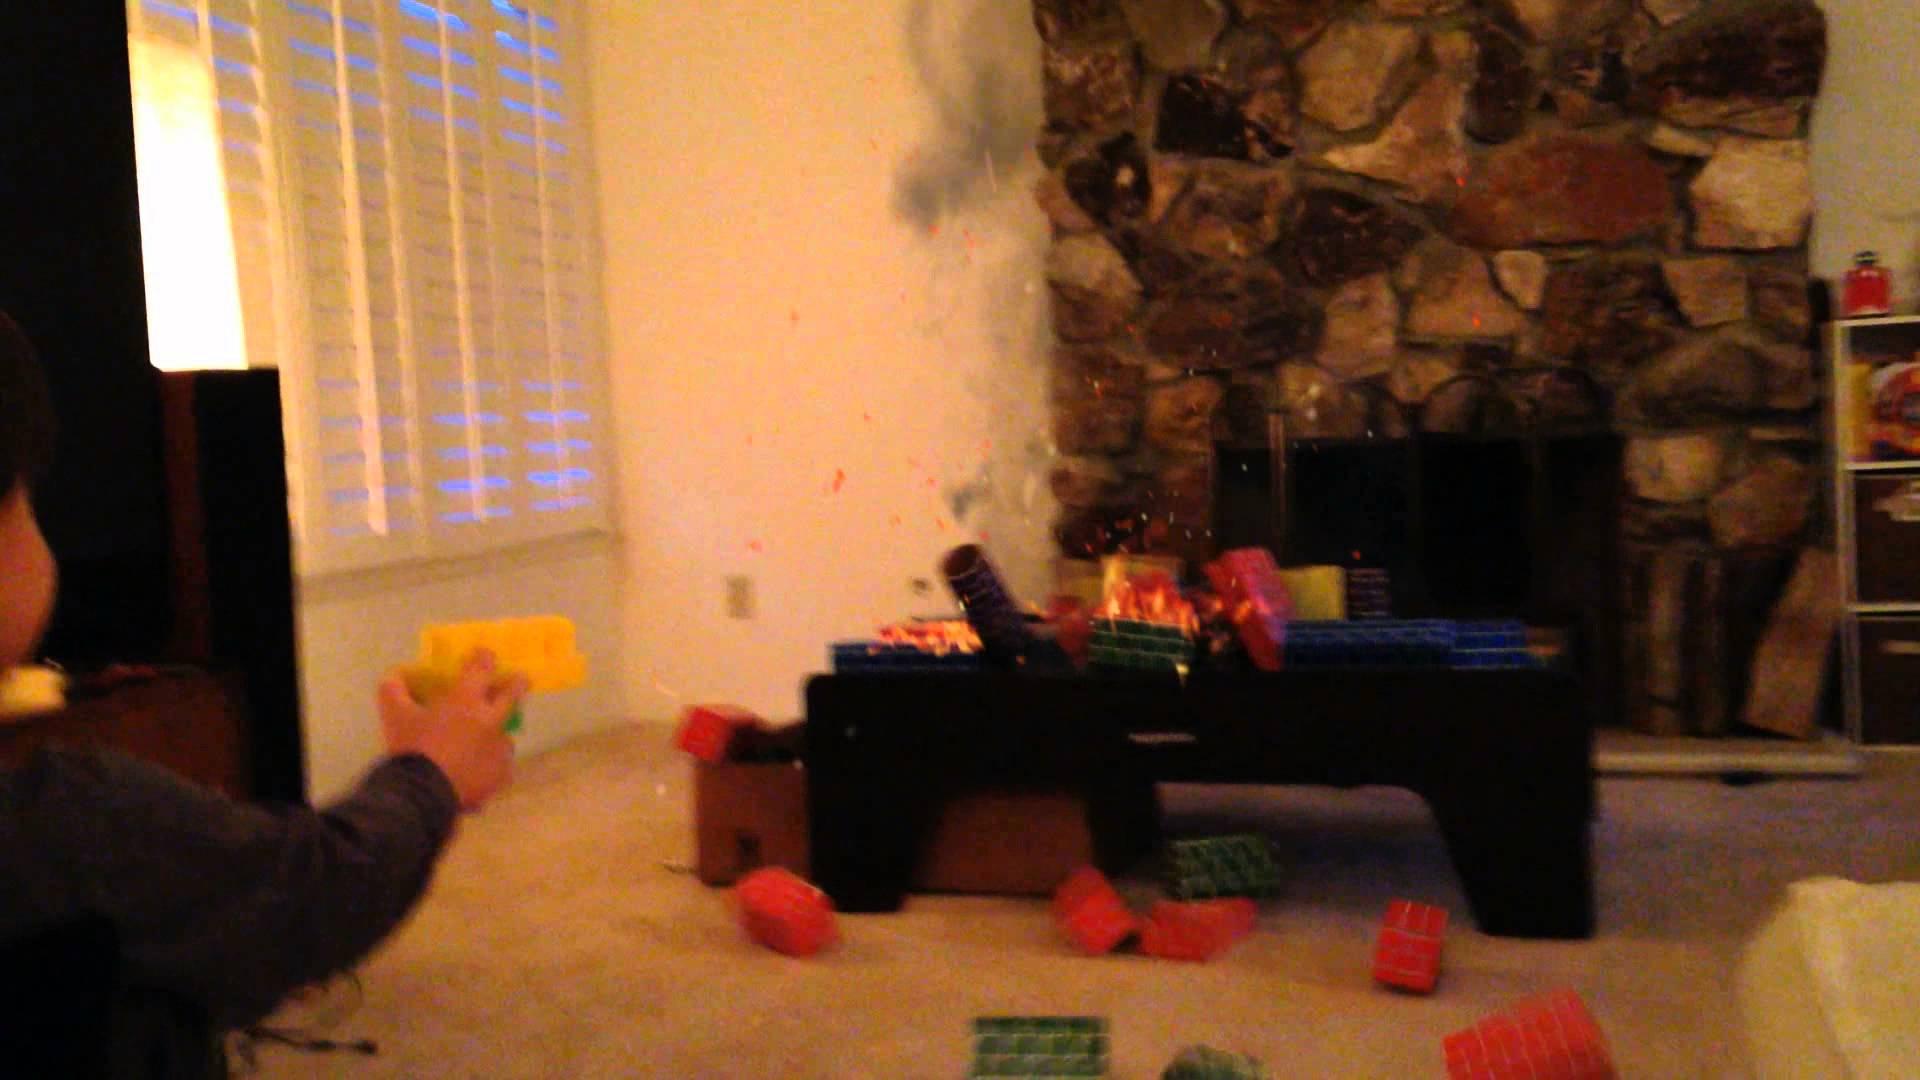 Un enfant et des effets spéciaux